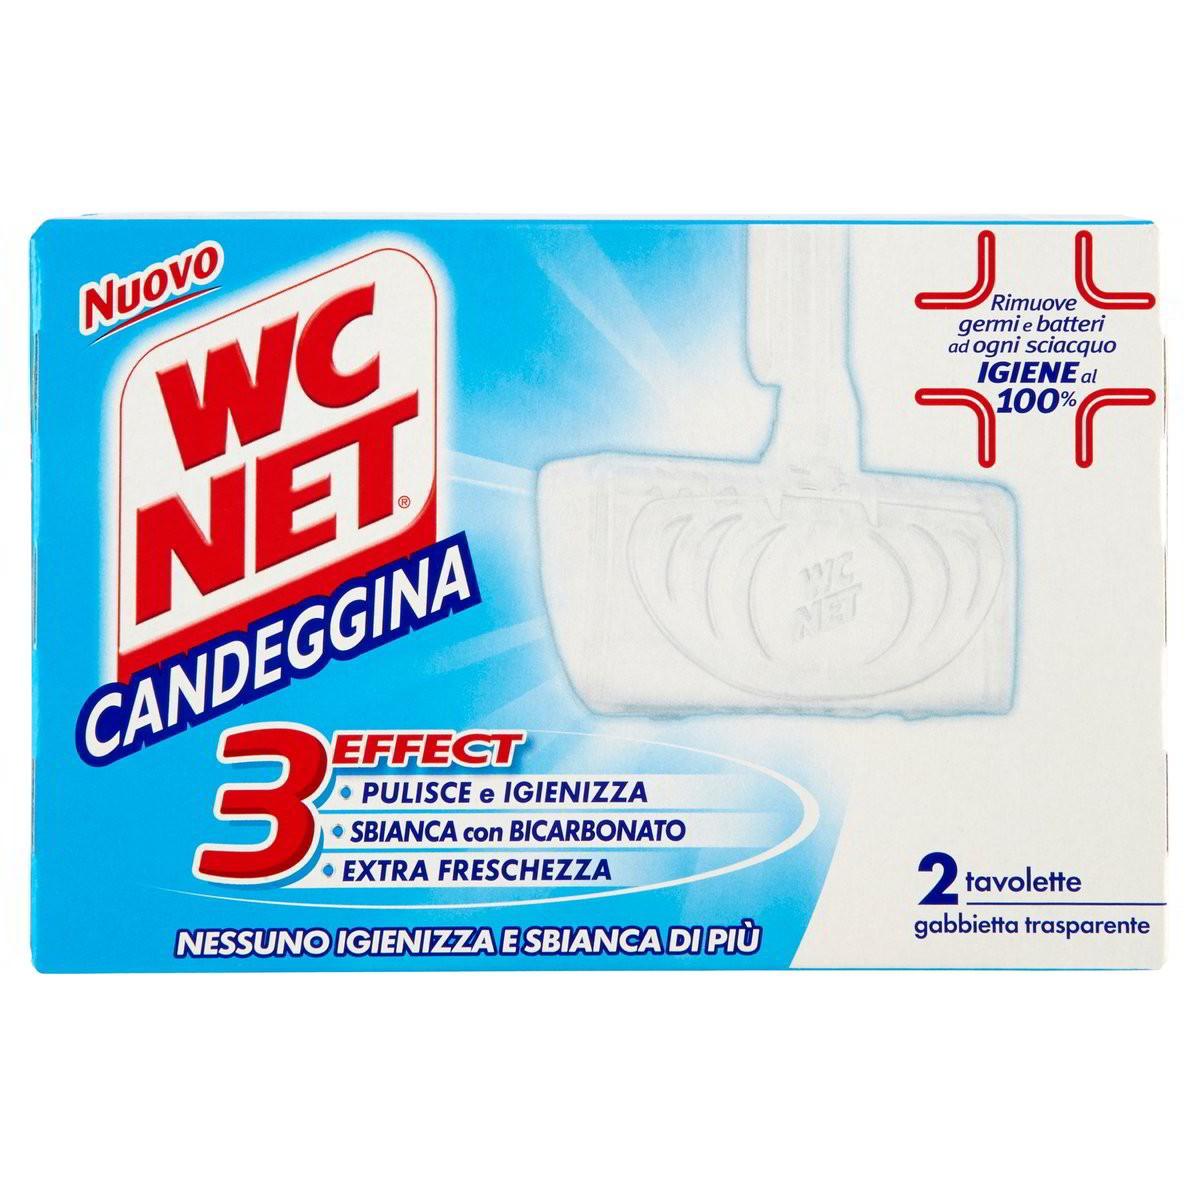 WC net Tavolette per WC Candeggina